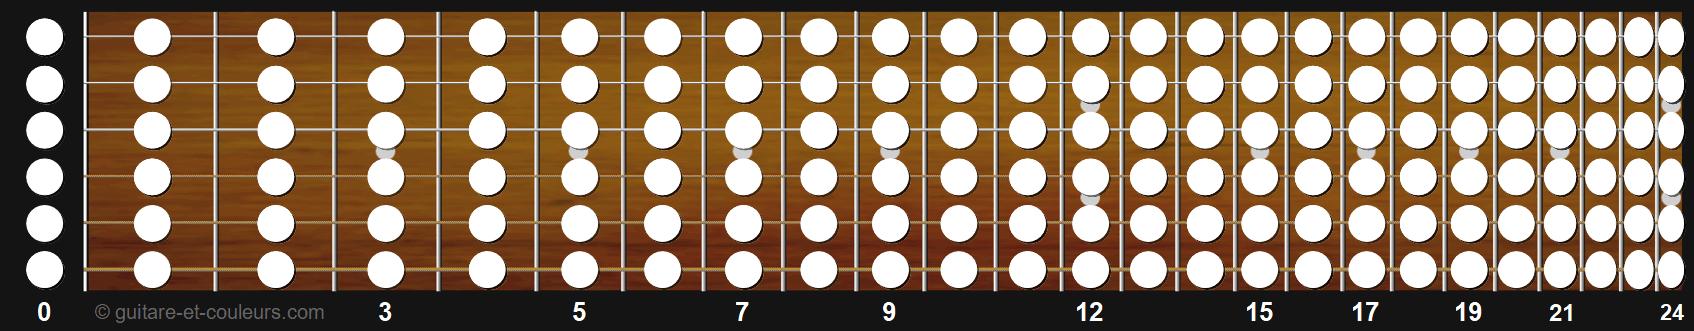 manche de guitare avec notes prépositionnées à mettre en couleur